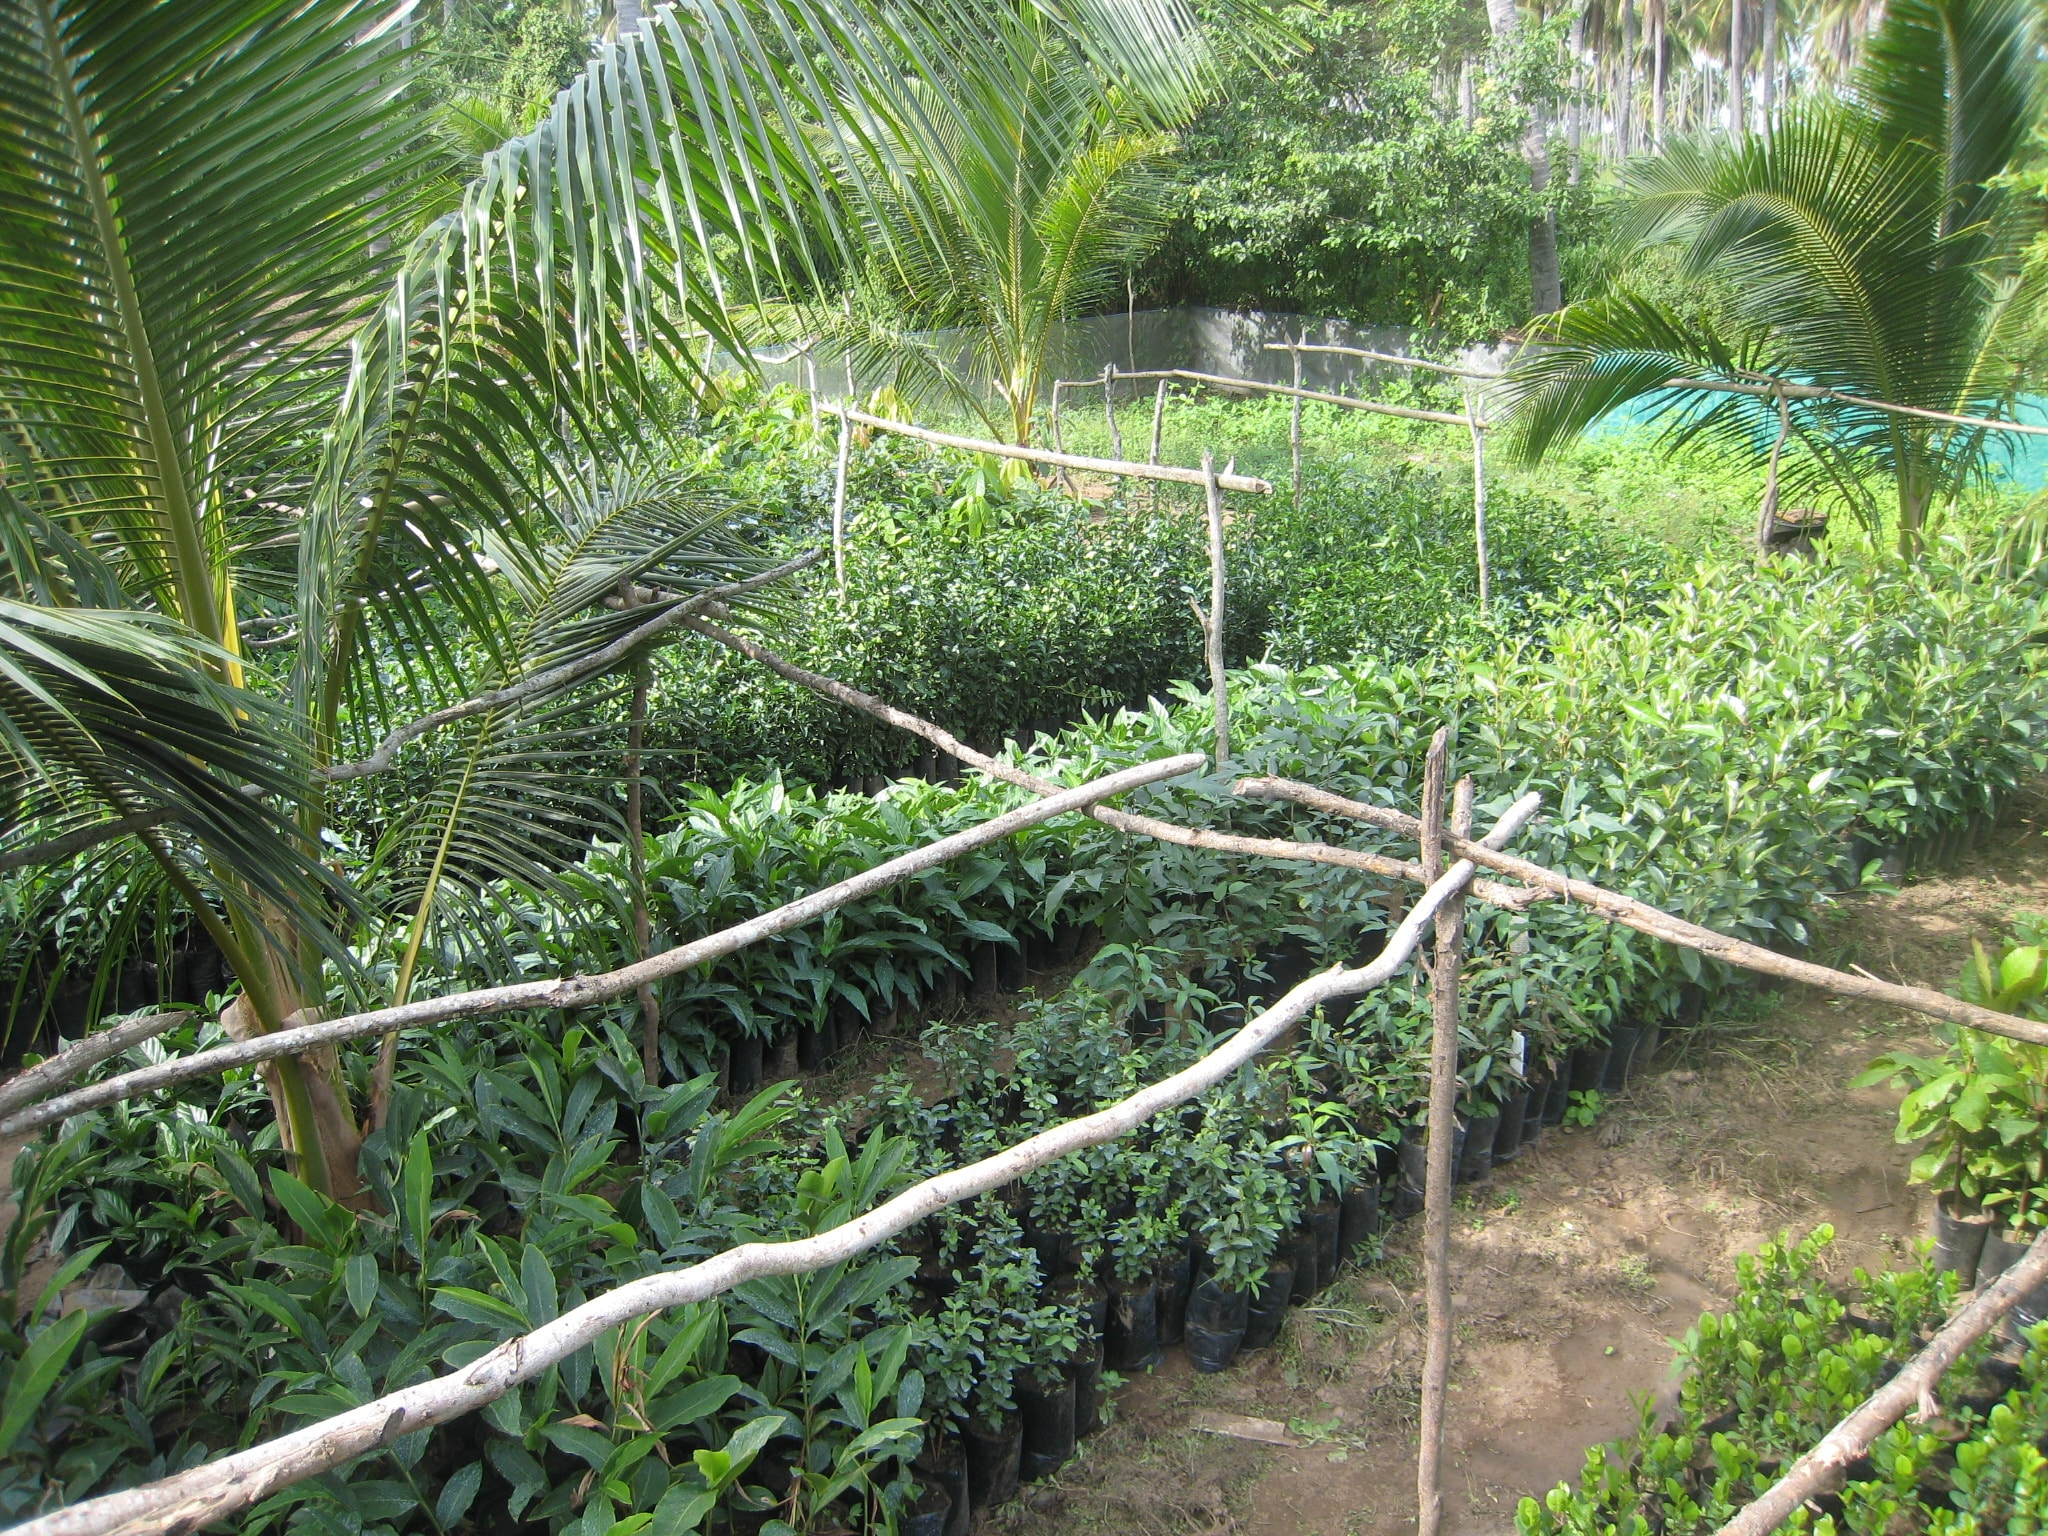 Vivero / Nursery - 7000 Plants and Trees for PlayaViva